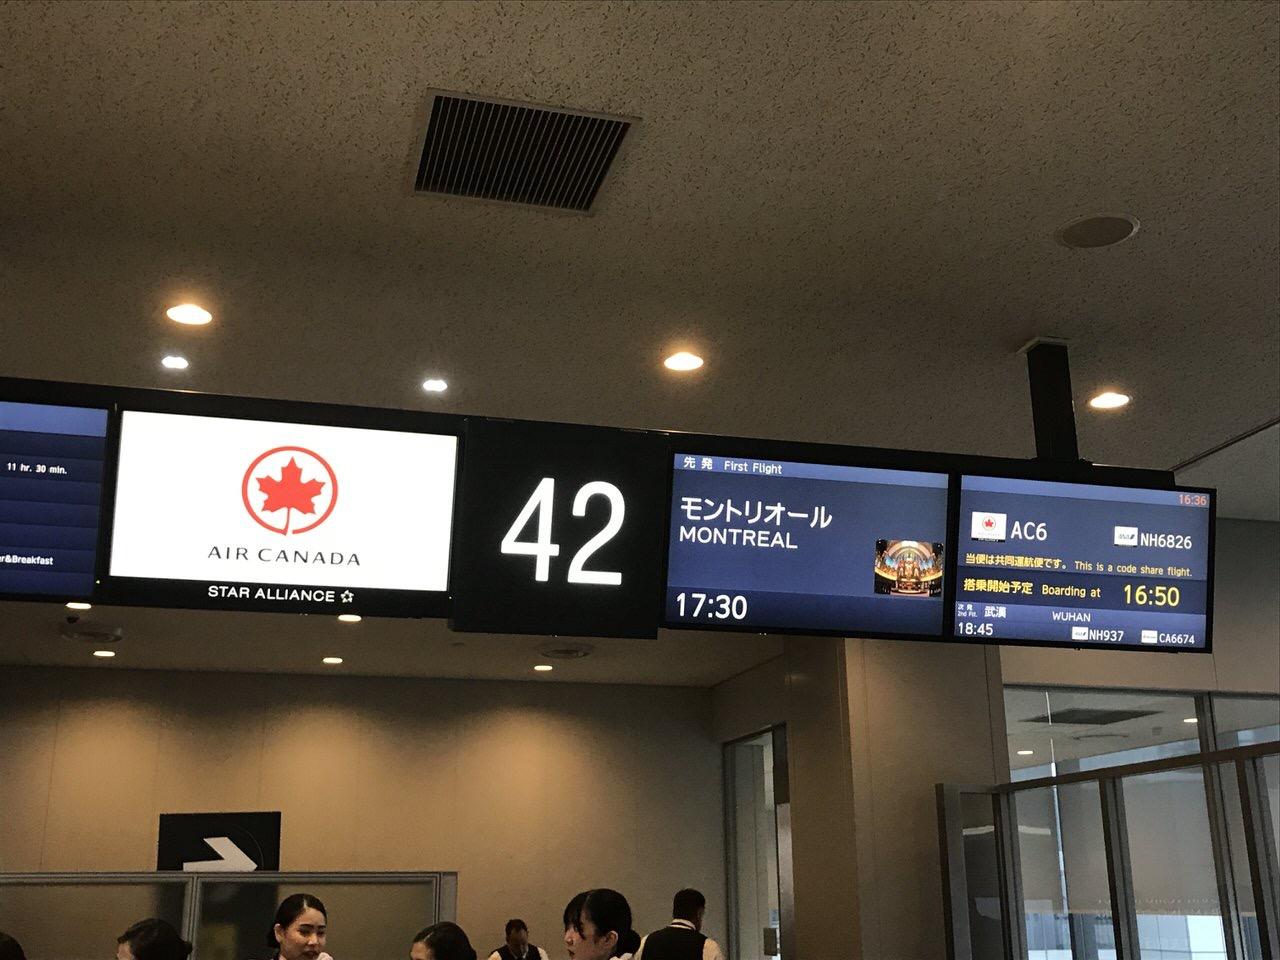 【エアカナダ】機内食や機内WiFi【AC6】1